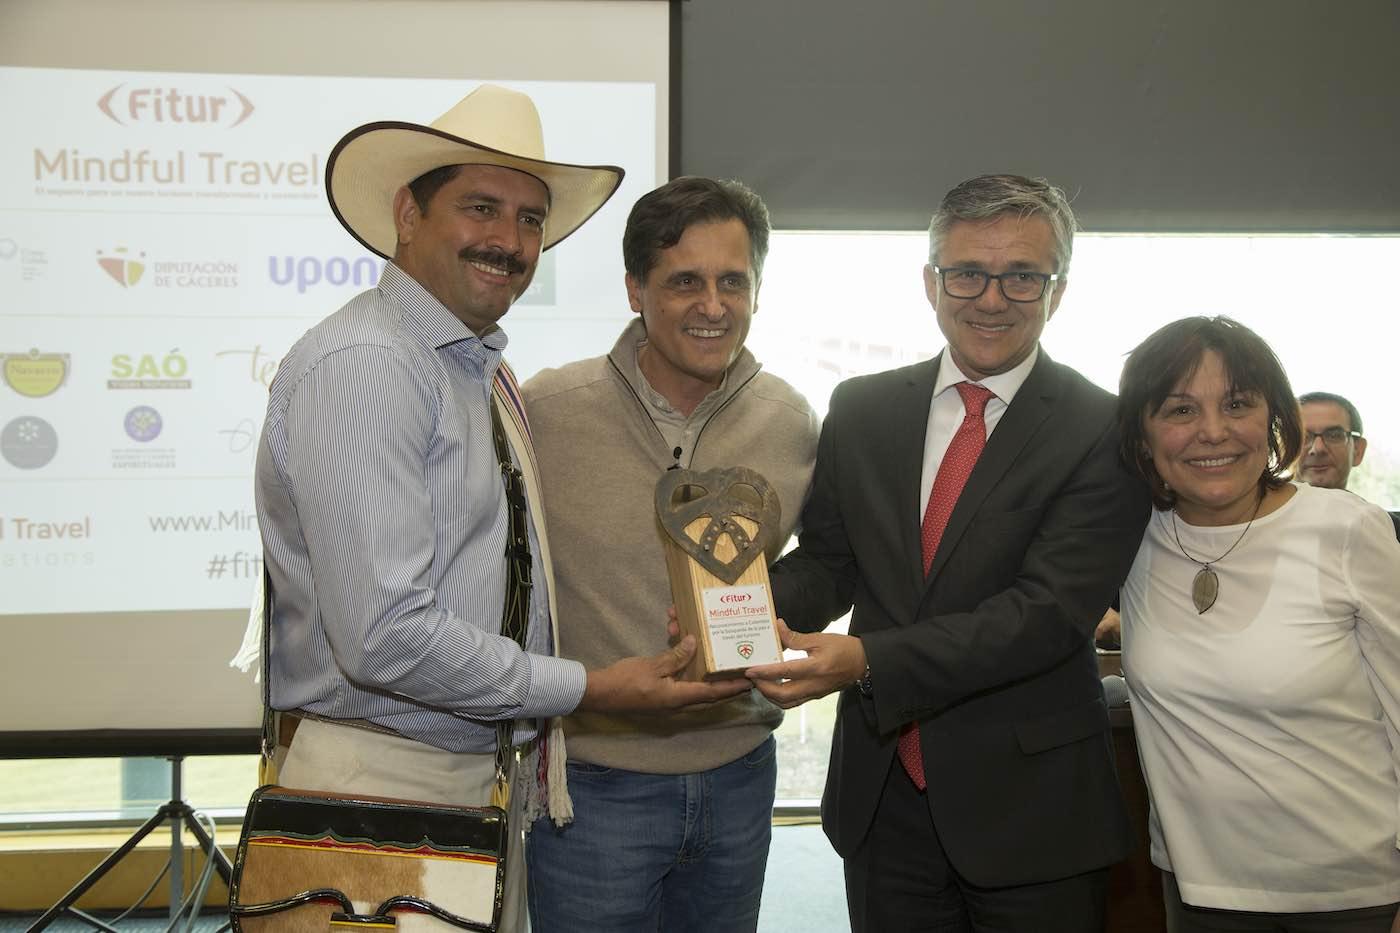 Premio turismo como herramienta de paz trails for peace